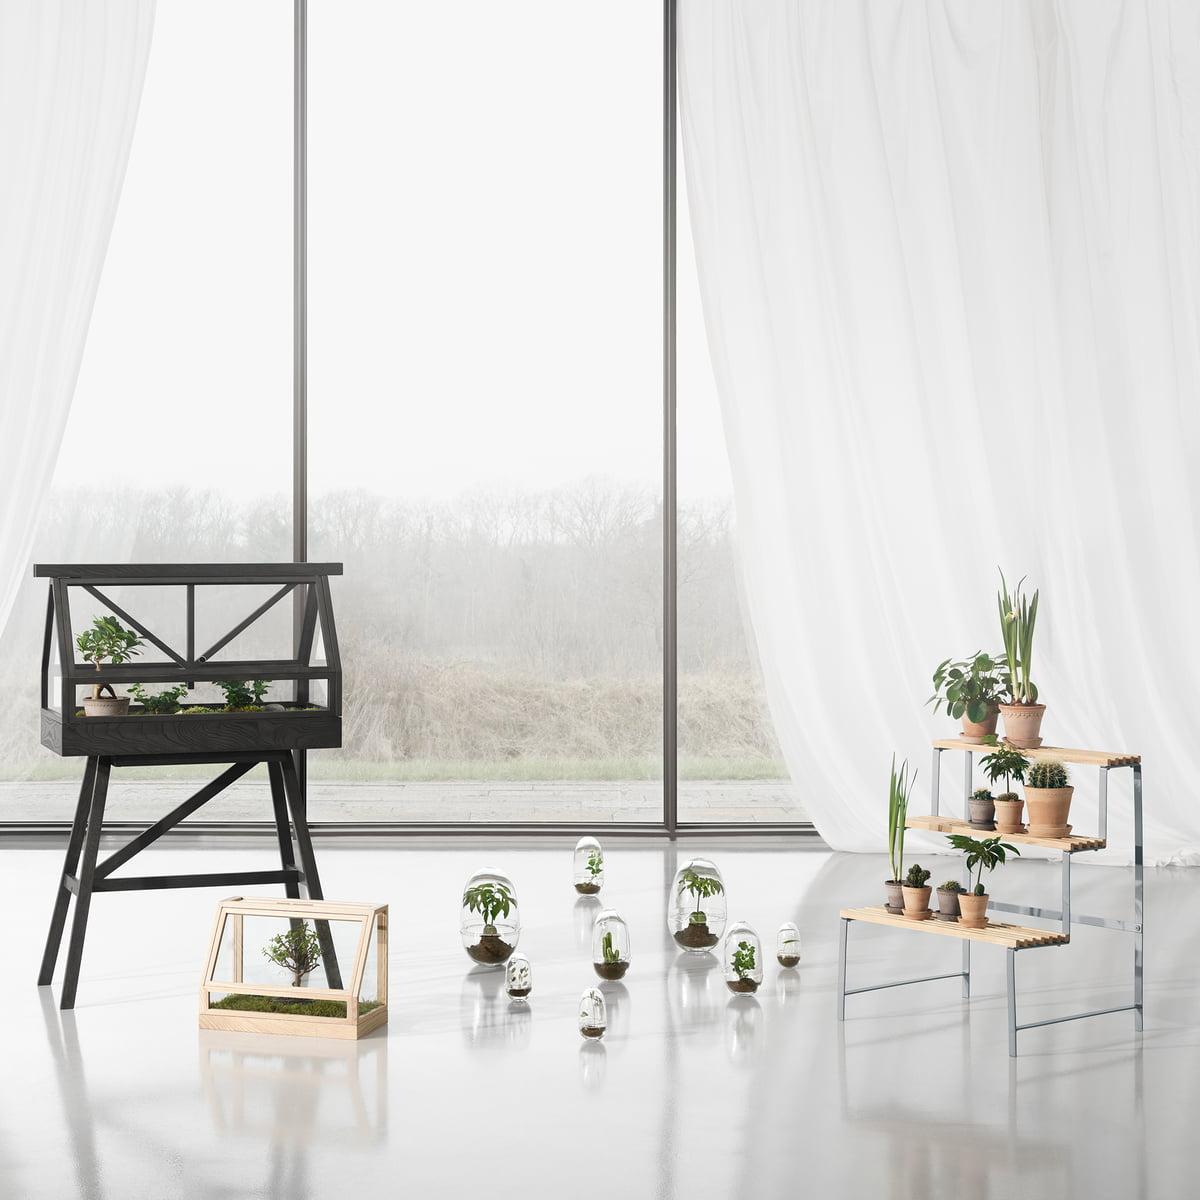 flower pot stand by design house stockholm. Black Bedroom Furniture Sets. Home Design Ideas